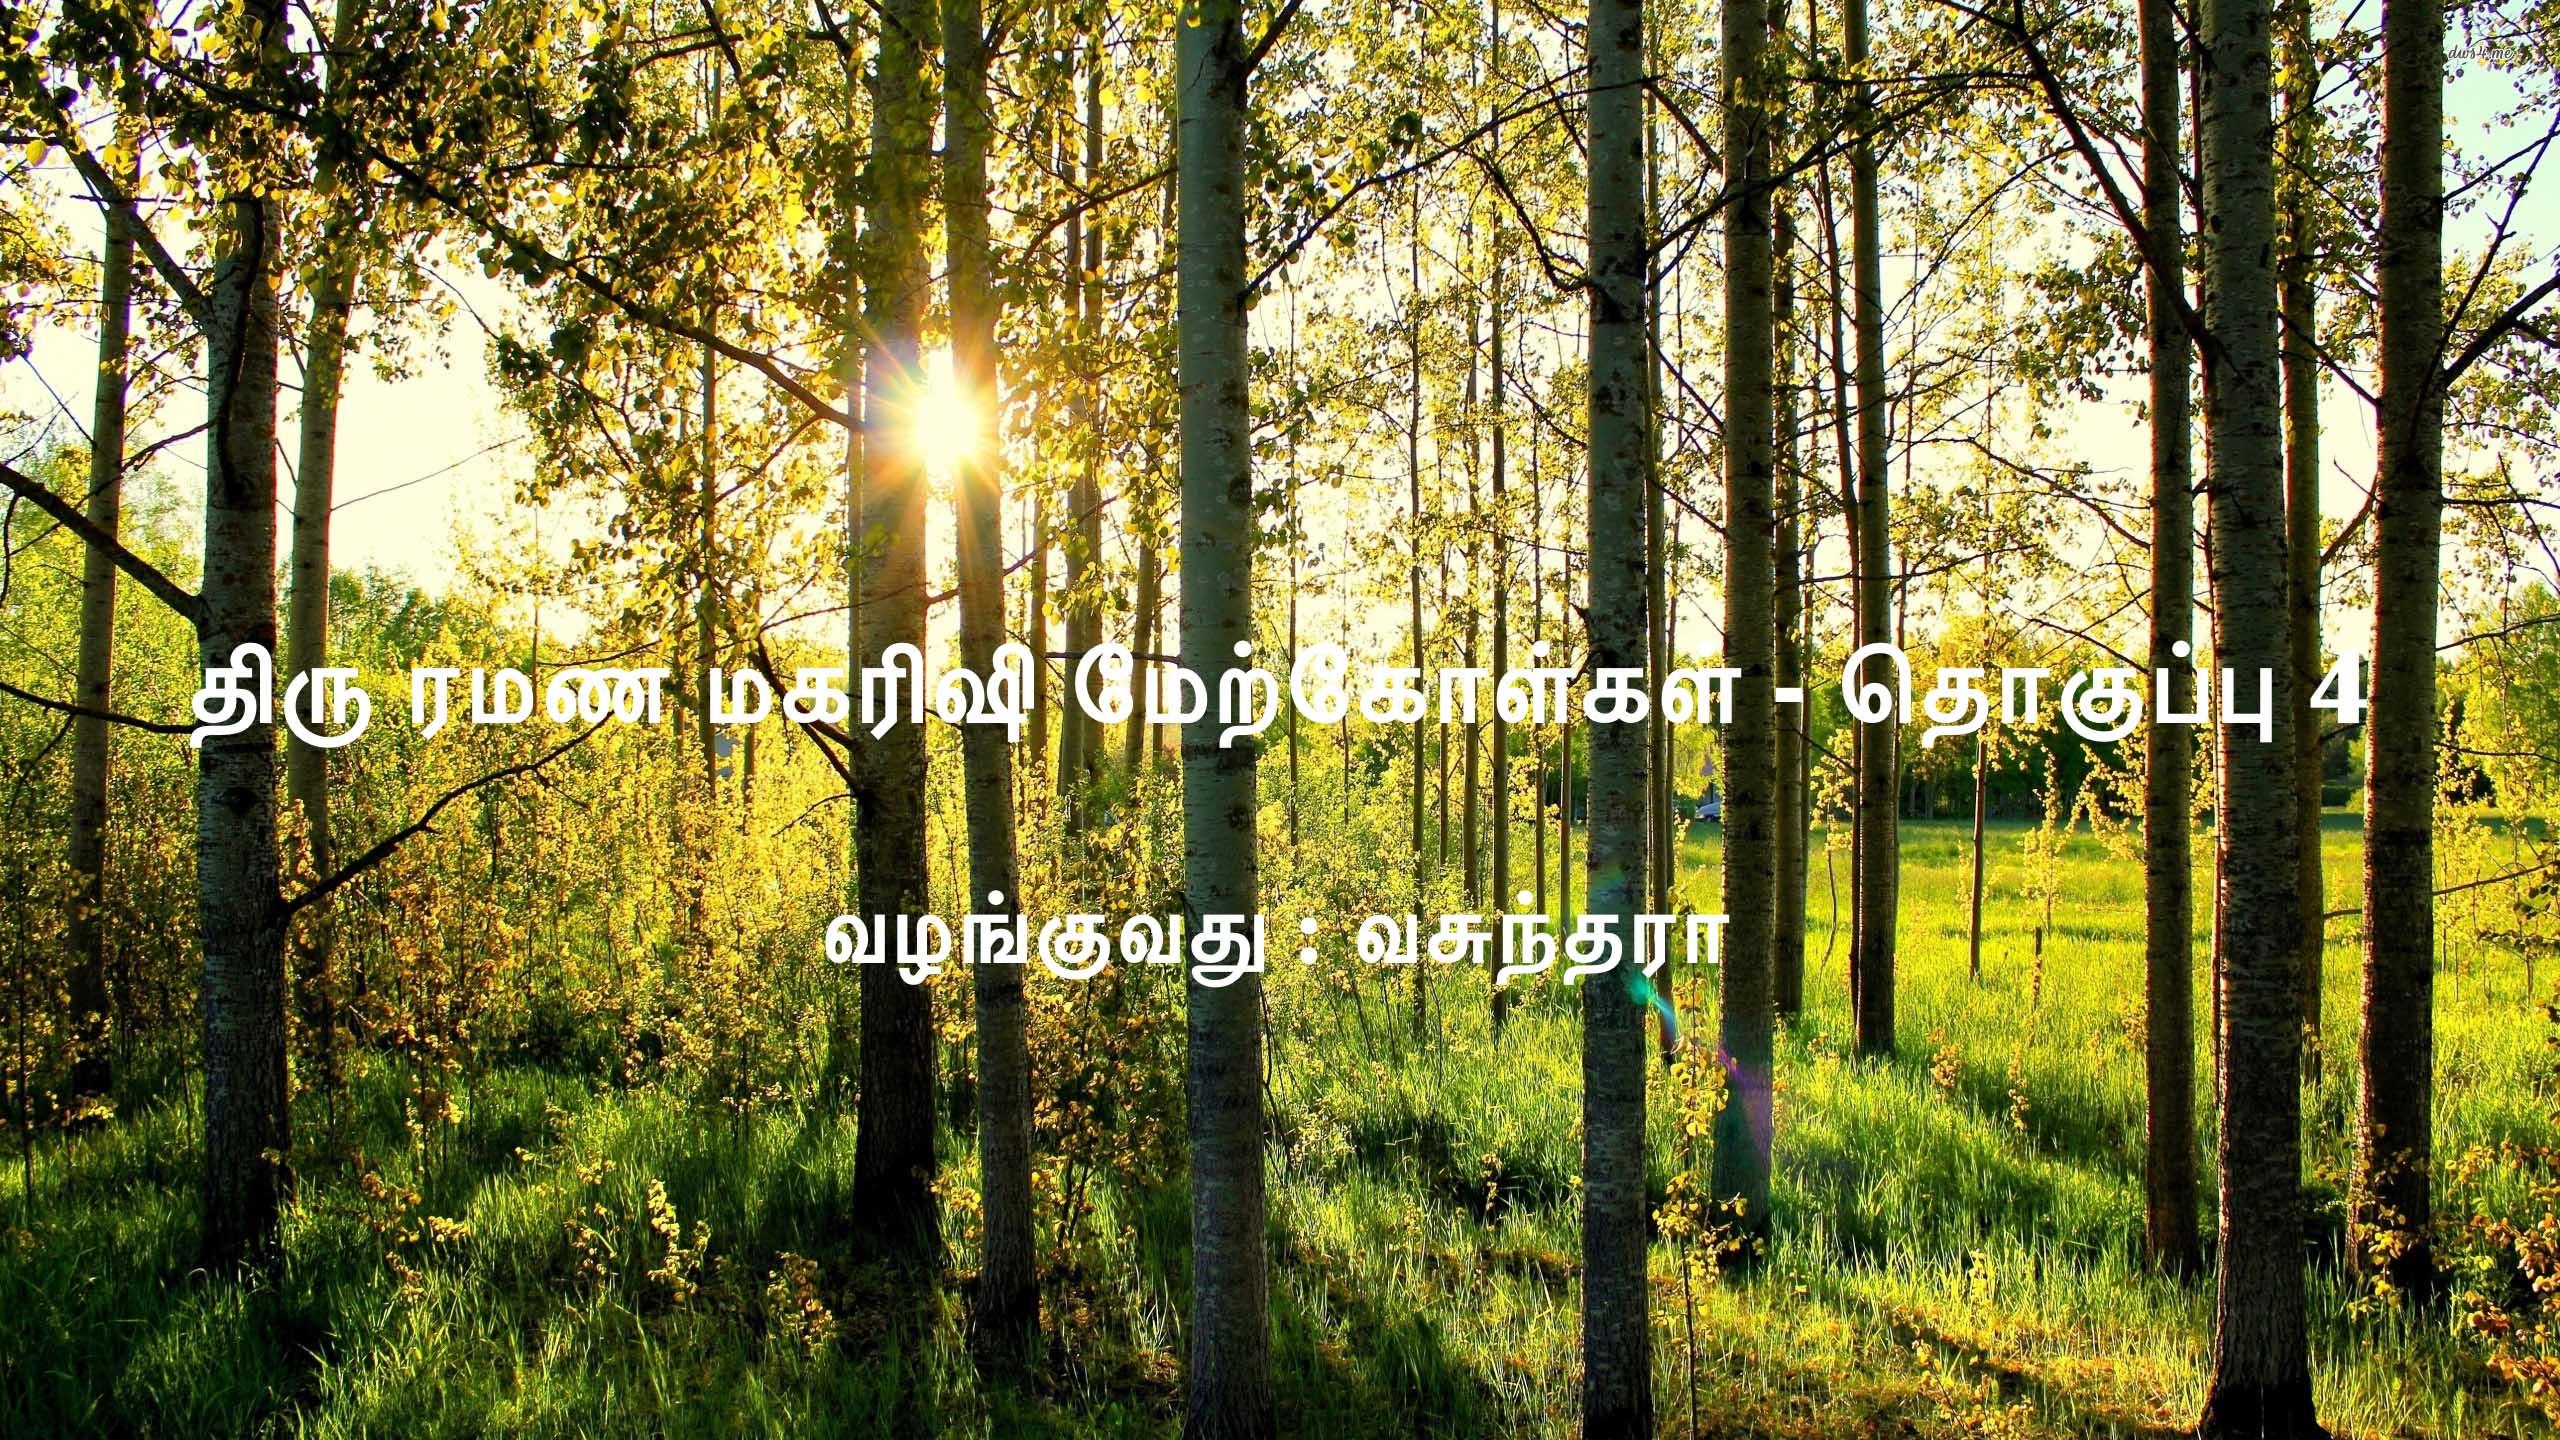 Ramana Maharshi Quotes in Tamil - (Set 4) - தமிழ் மேற்கோள்கள் - விடியோ